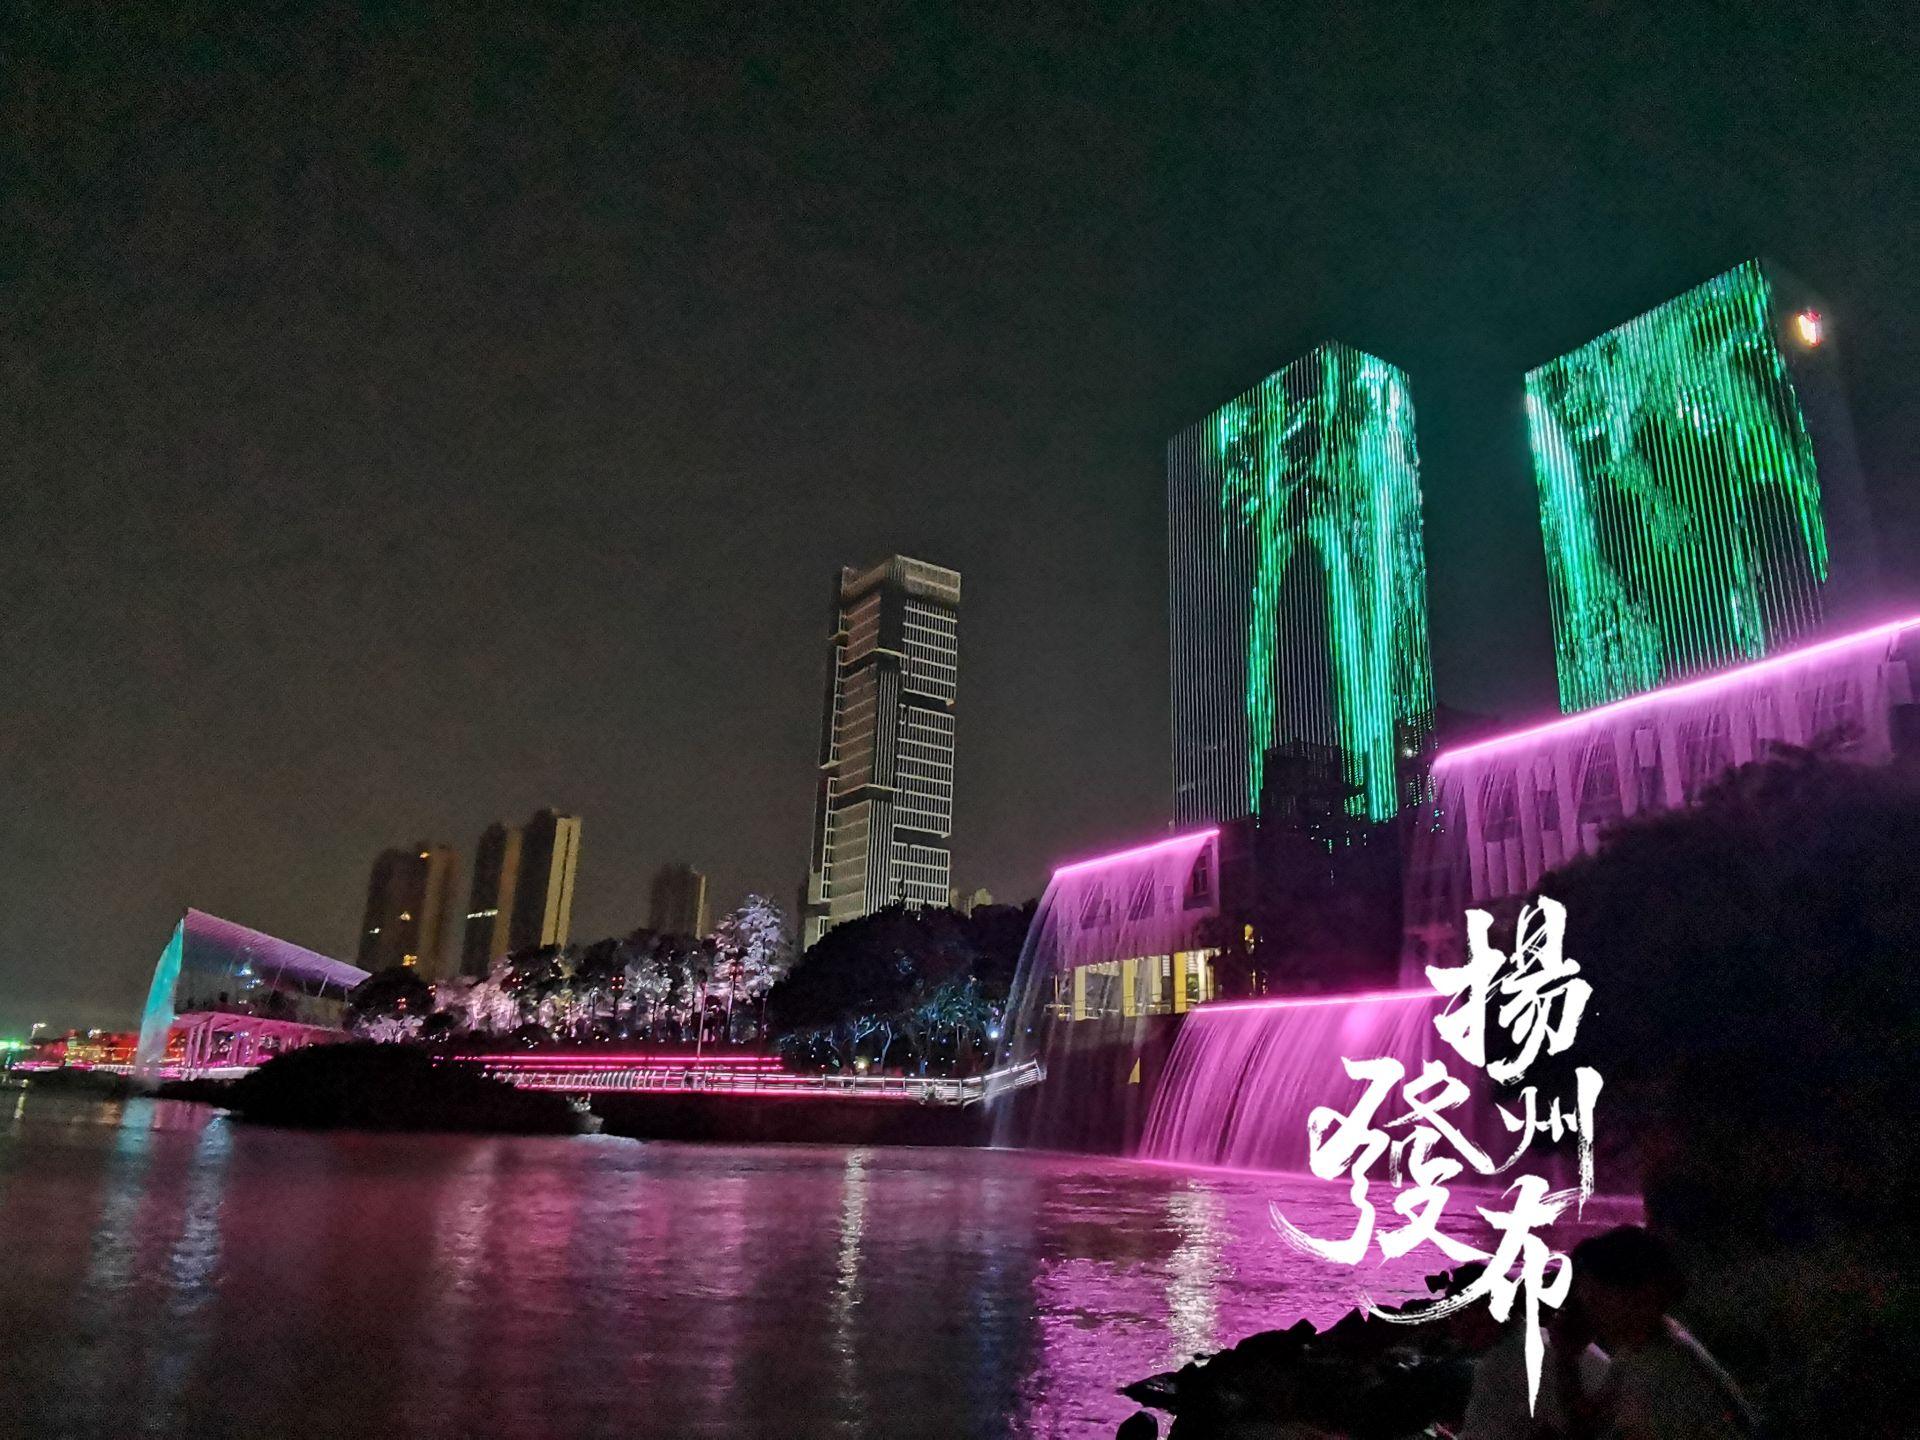 【高邮】路灯产业军团扬州之光点亮大好河山